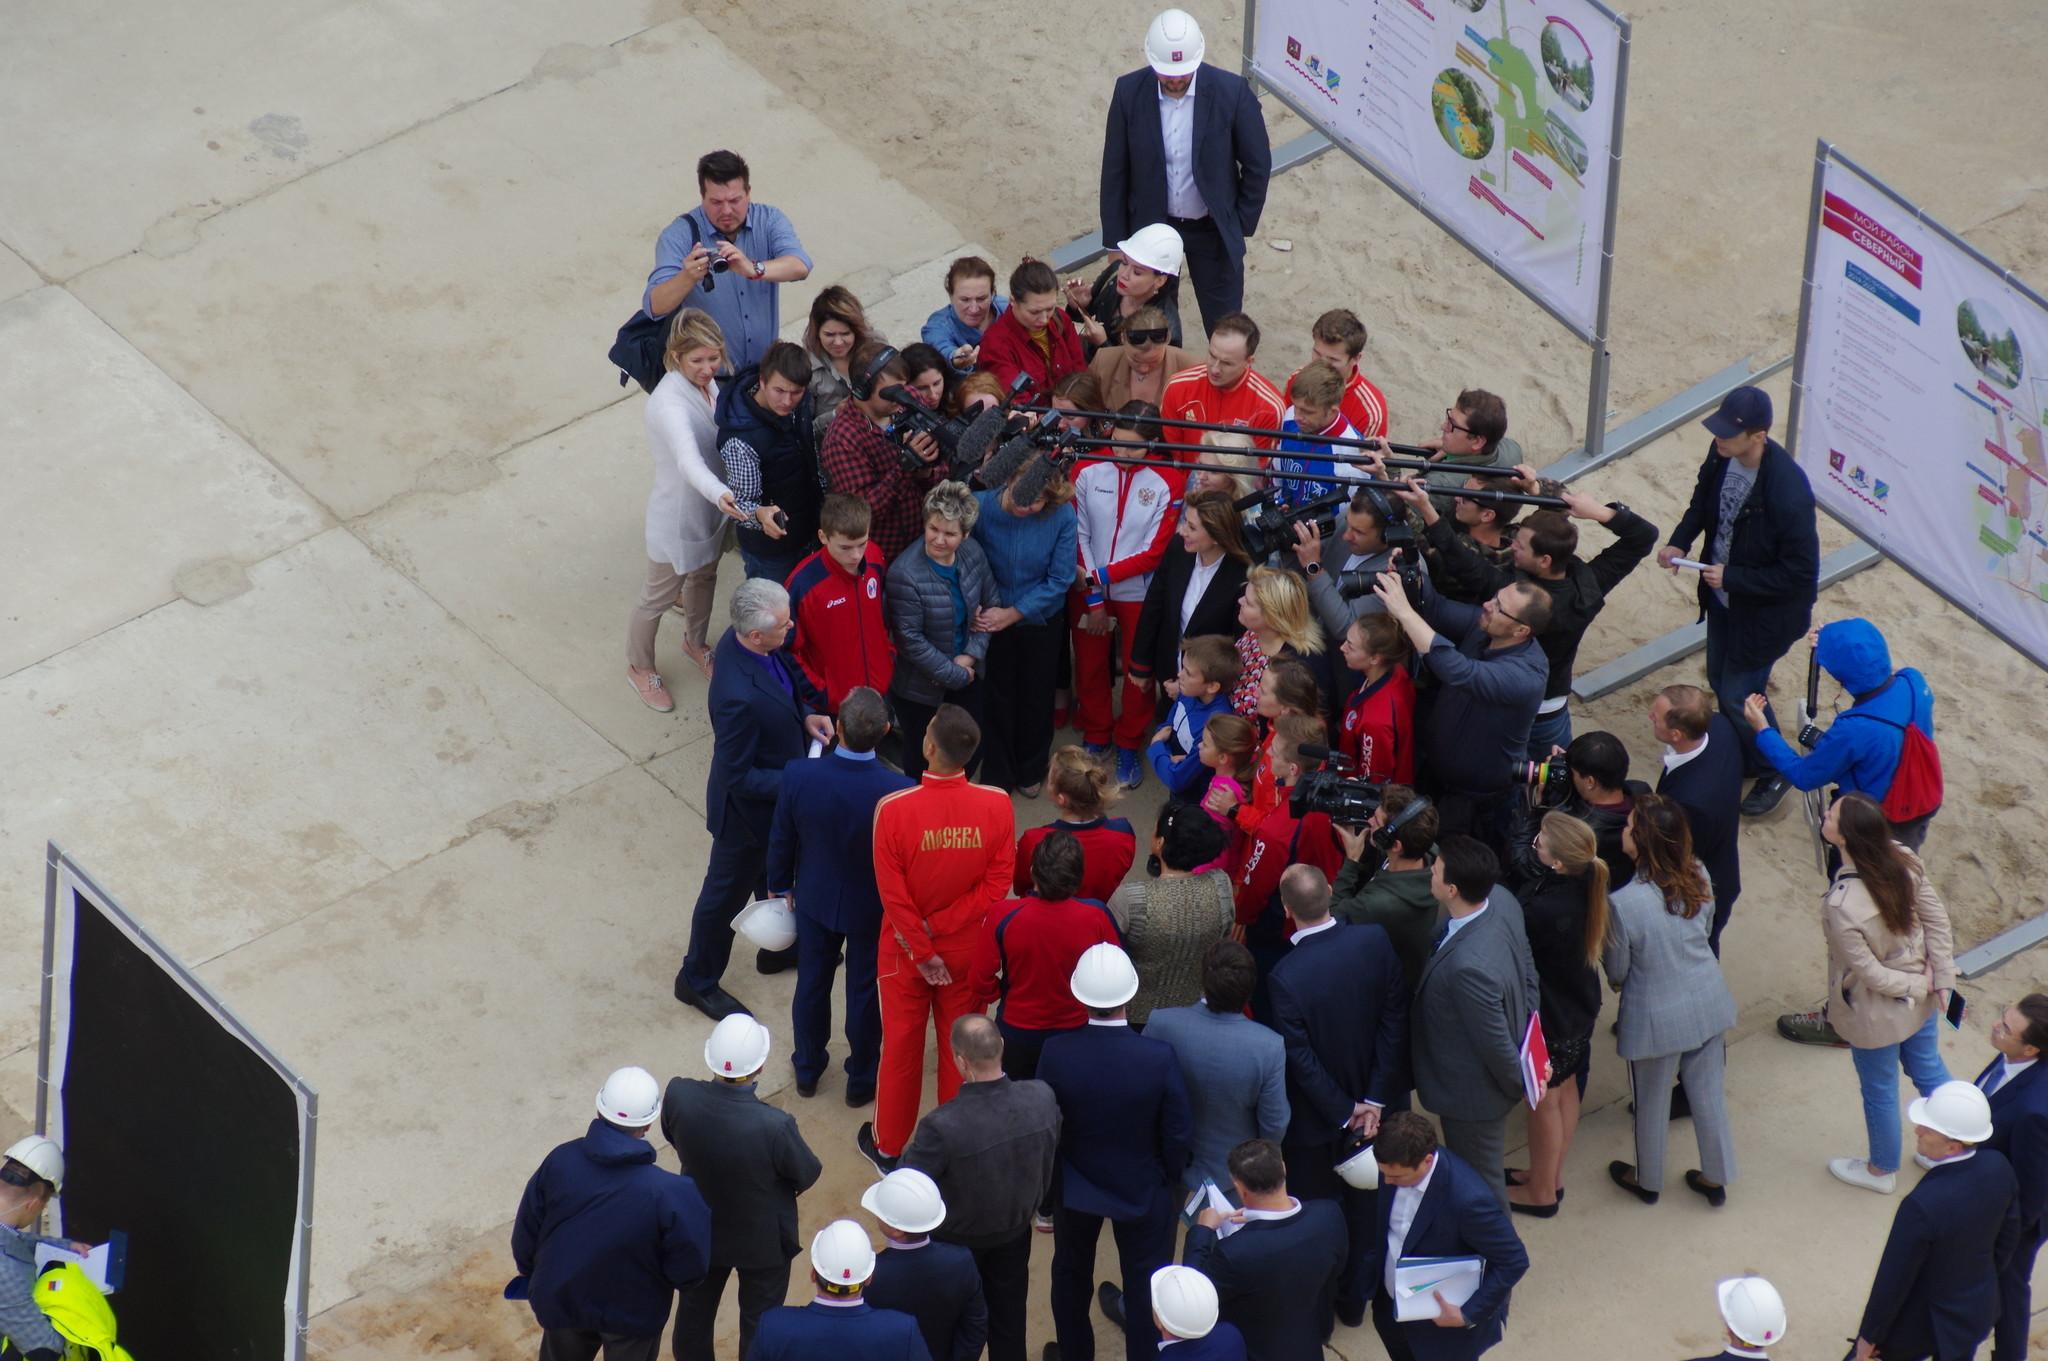 Сергей Семёнович Собянин осмотрел ход строительства спортивной школы олимпийского резерва «Северный»